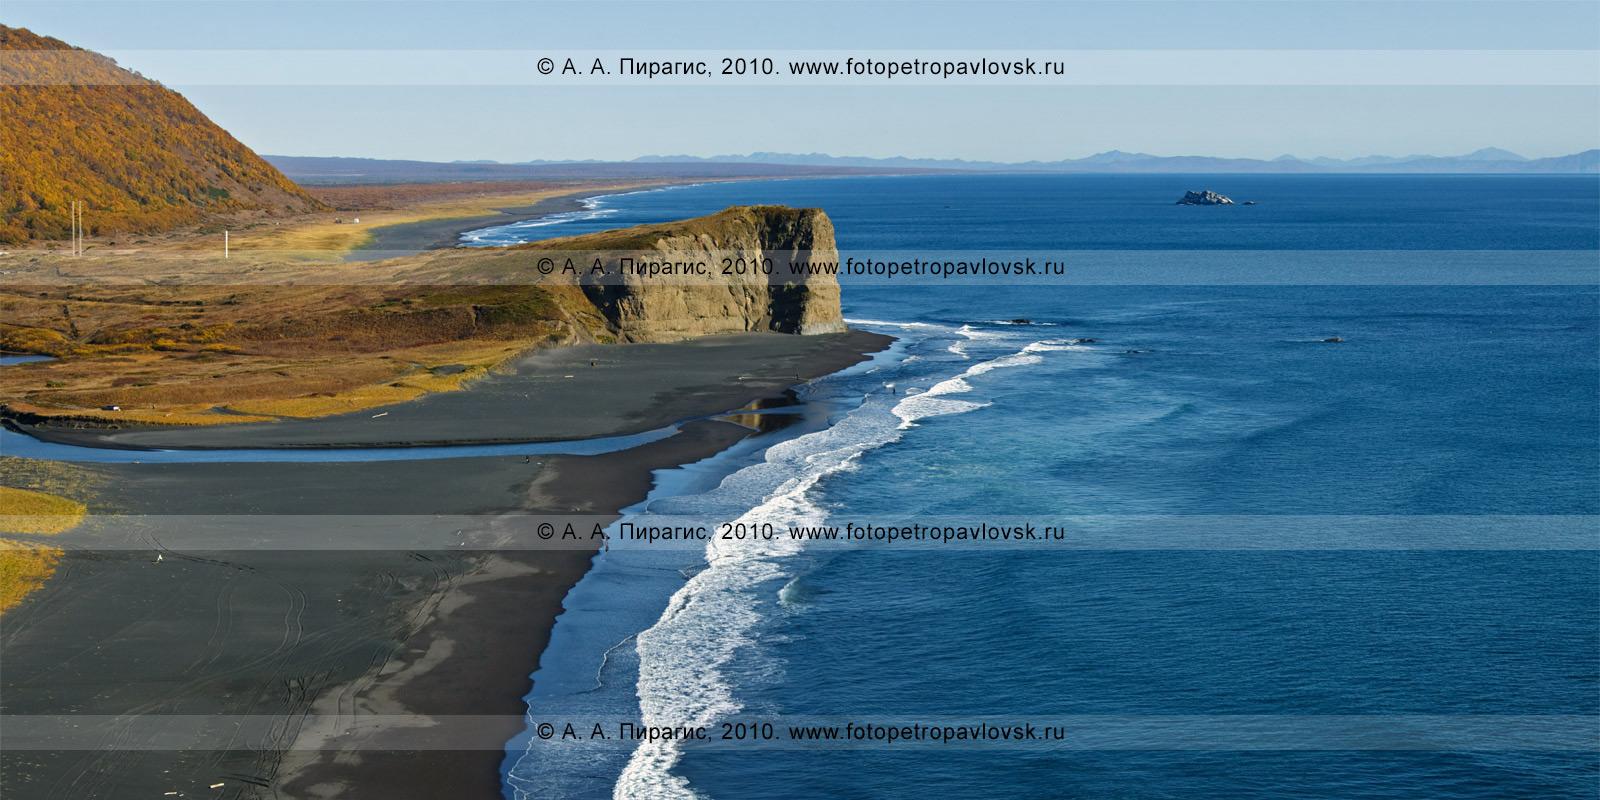 Фотография: На фотографии: Англичанка. Мыс Первый в Авачинском заливе Тихого океана, справа — остров под названием Скала Ворота